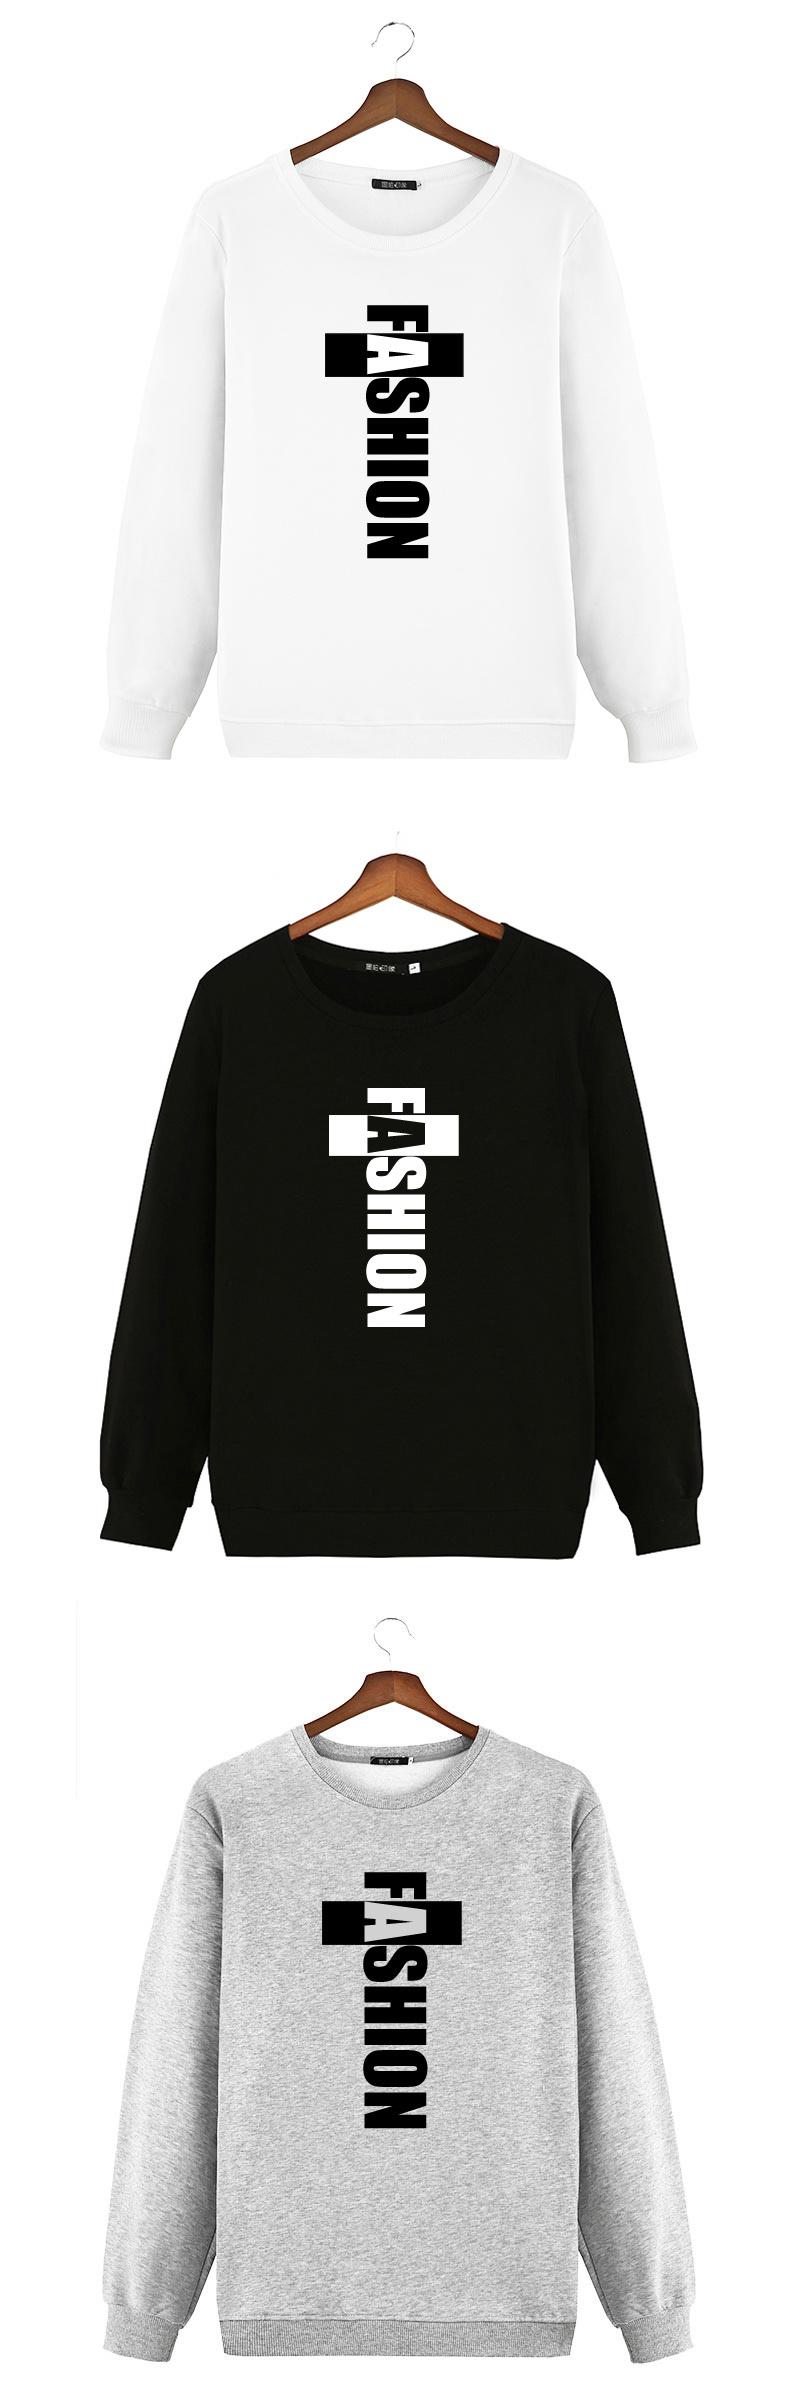 ◆快速出貨◆限定特賣會 原領刷毛T恤 情侶T恤 暖暖刷毛 MIT台灣製.FASHION【YS0495】可單買.艾咪E舖